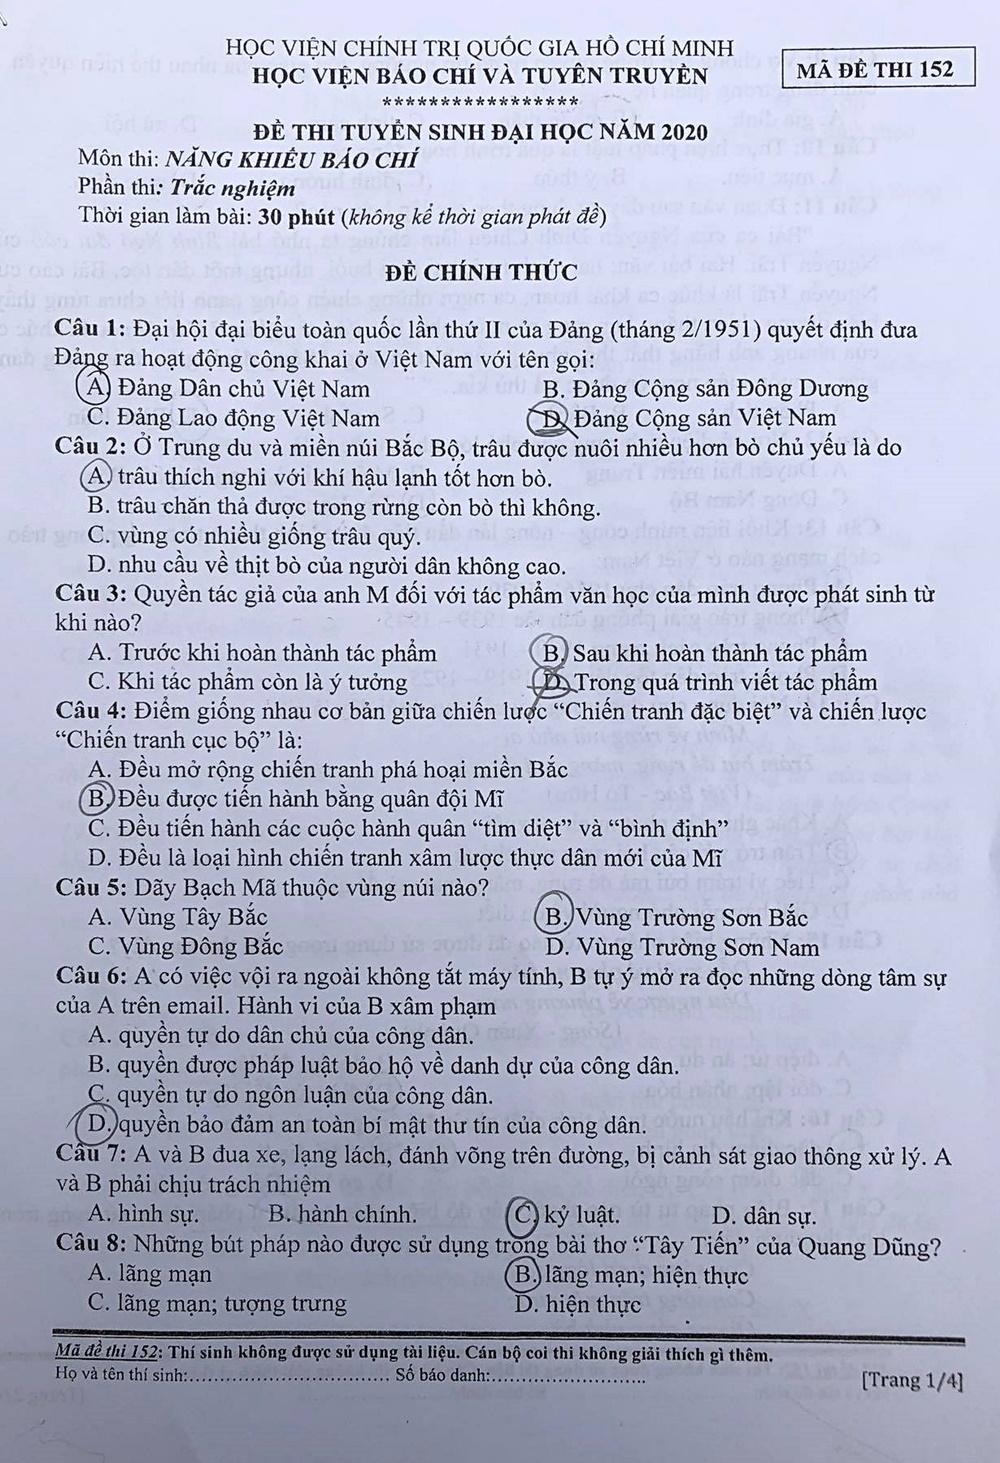 Đề thi Năng khiếu báo chí hỏi về Covid-19 - 4